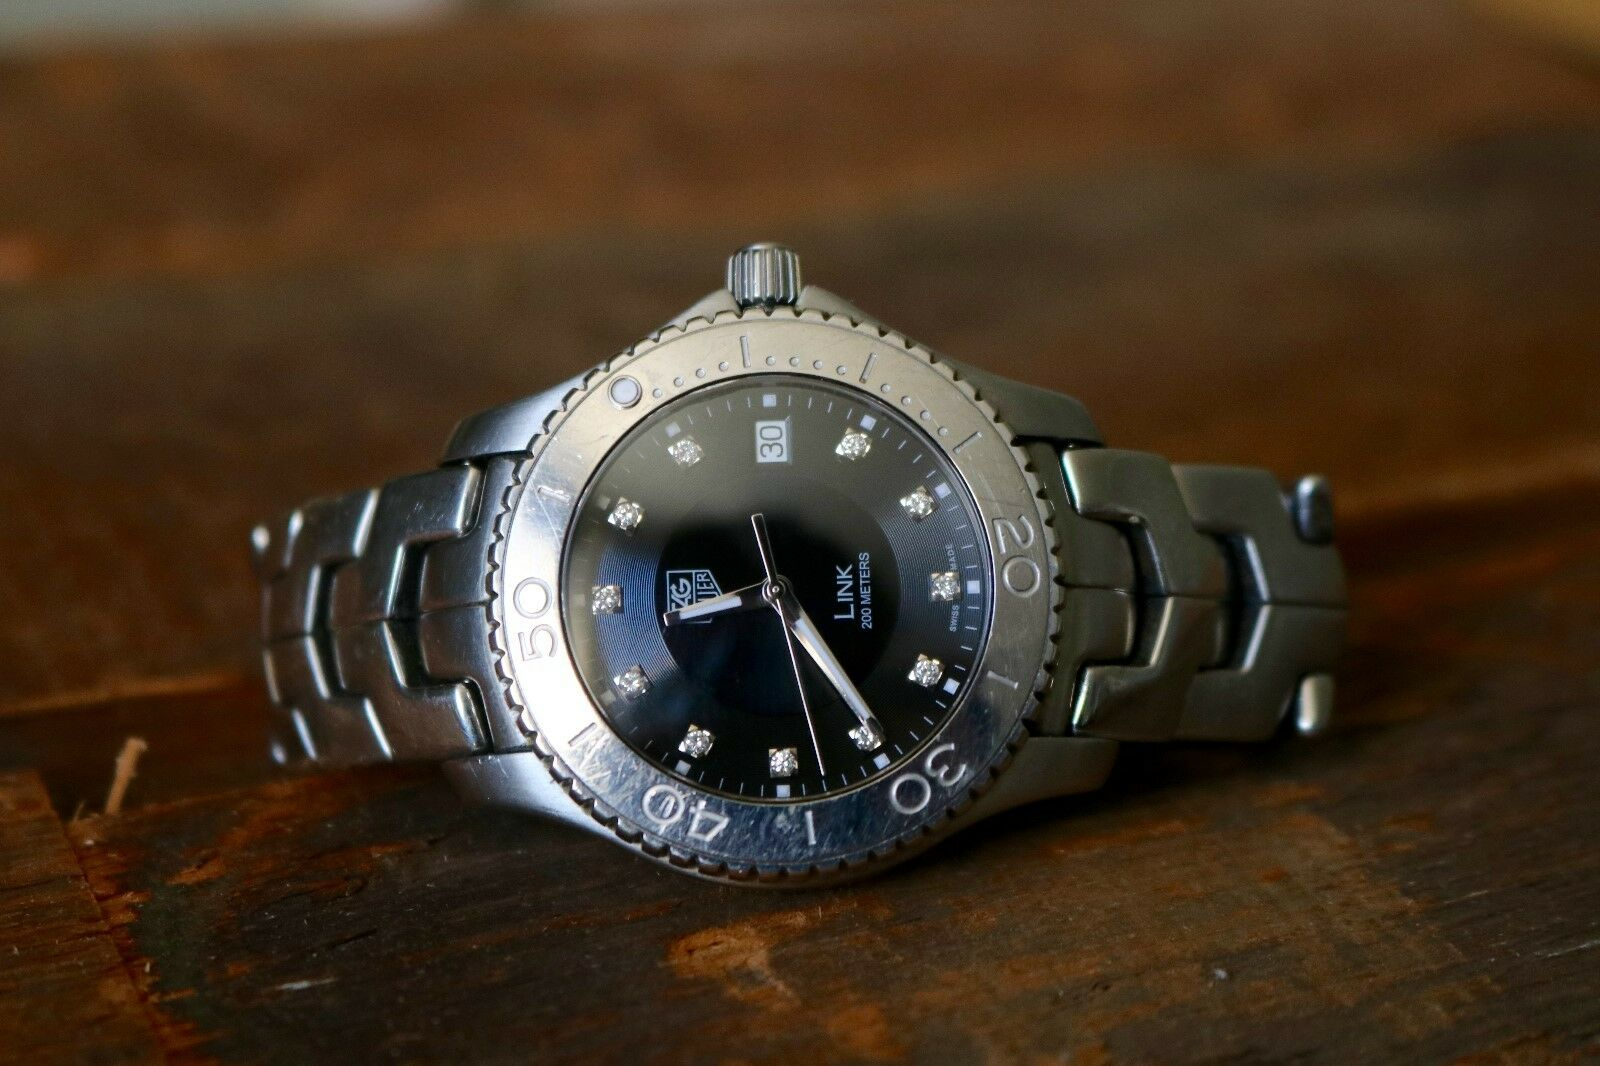 $800.00 - Tag HeuerLink Diamonds Men's Watch PRE-OWNED Model:WJ1113.BA0575